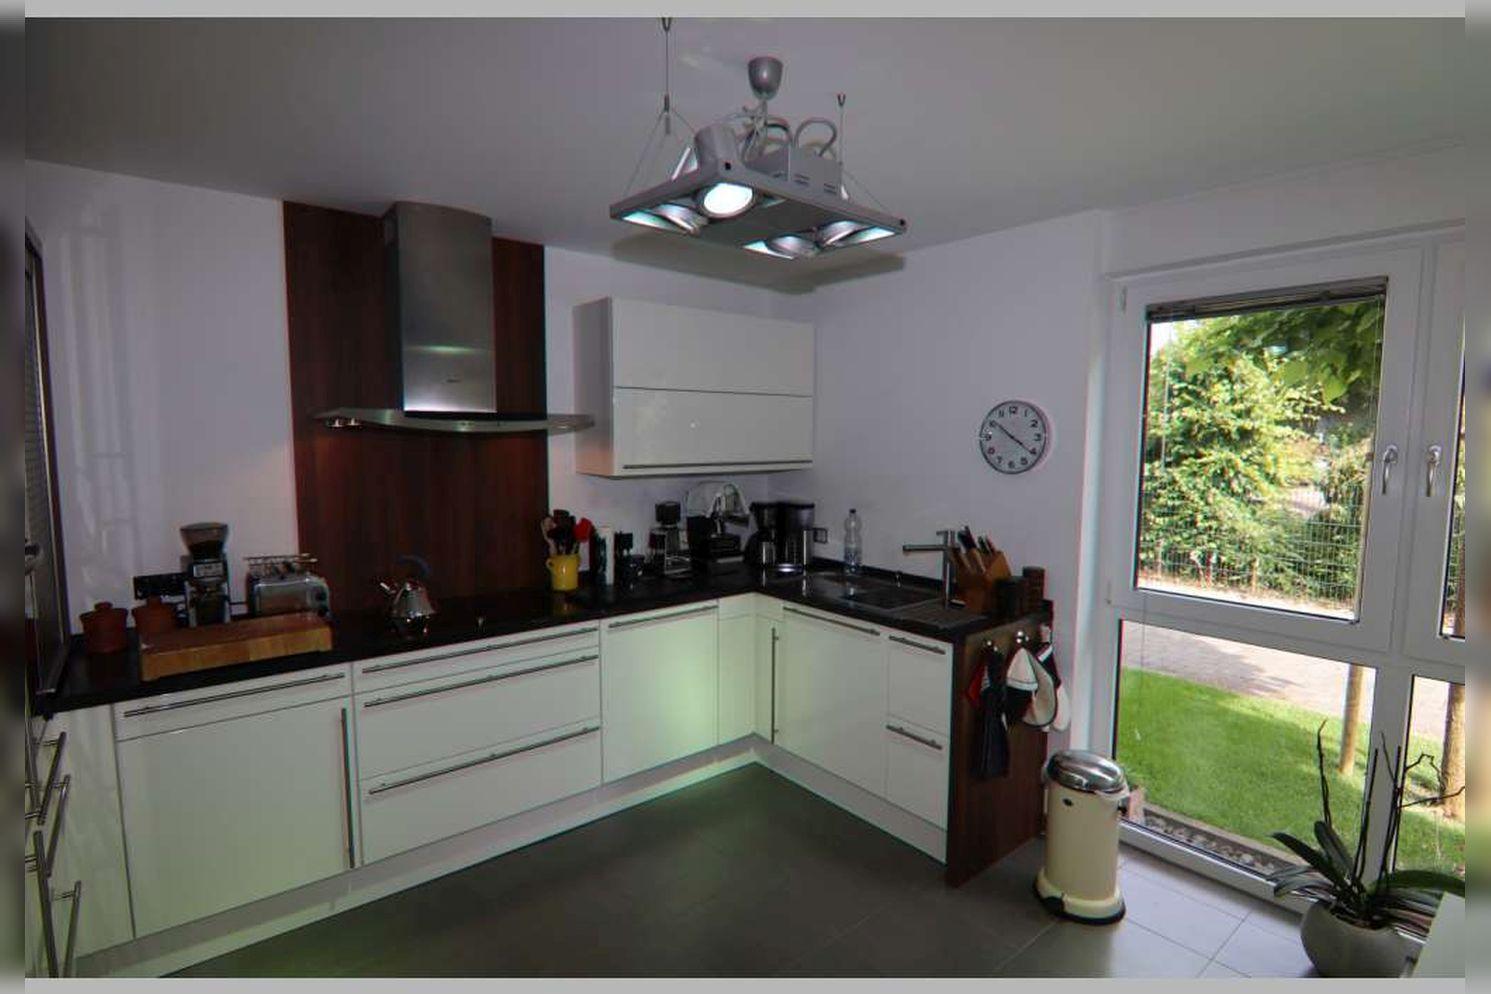 Immobilie Nr.0267 - Doppelhaushälfte mit 4 Zimmern, Küche, Diele, Badzimmer, Gäste-WC, Garten und Garage - nicht unterkellert - Bild 18.jpg